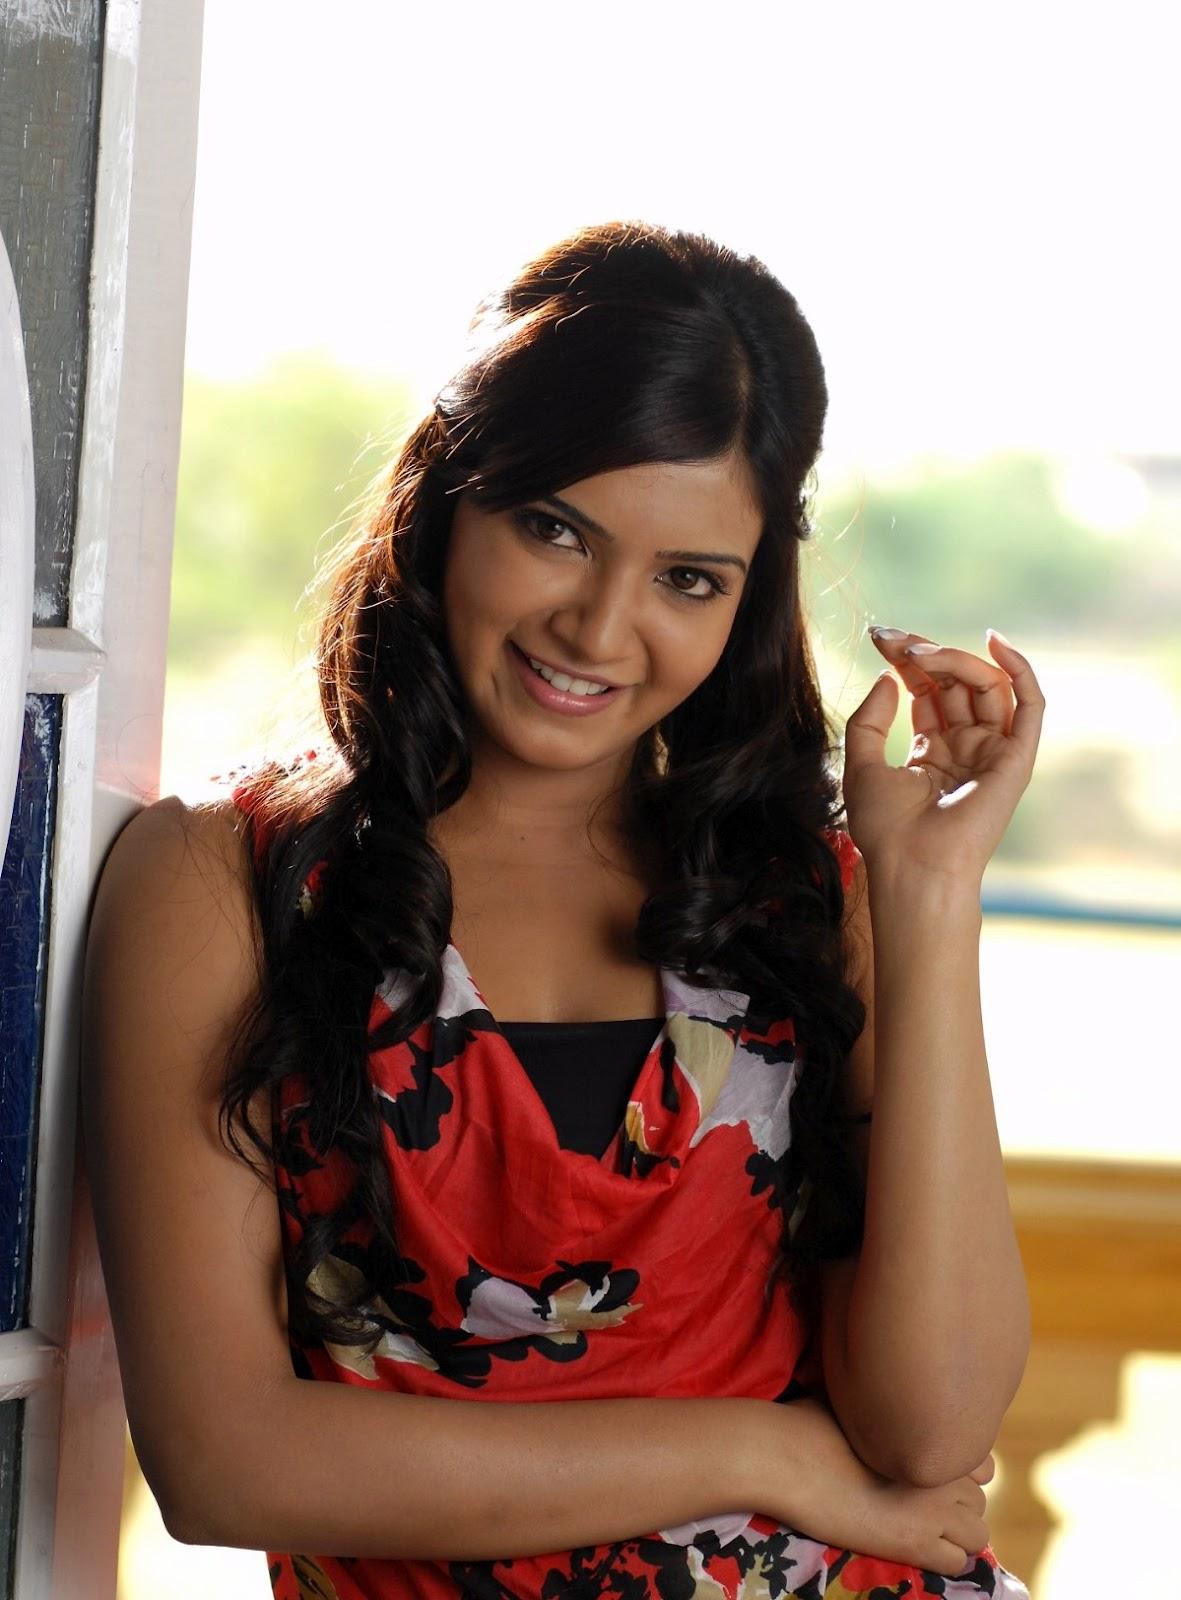 http://2.bp.blogspot.com/-b8TfzVBUn0I/T3ciAd5HwsI/AAAAAAAAFic/homfdRwf0ec/s1600/telugu-actress-super-psupero4648493.jpg